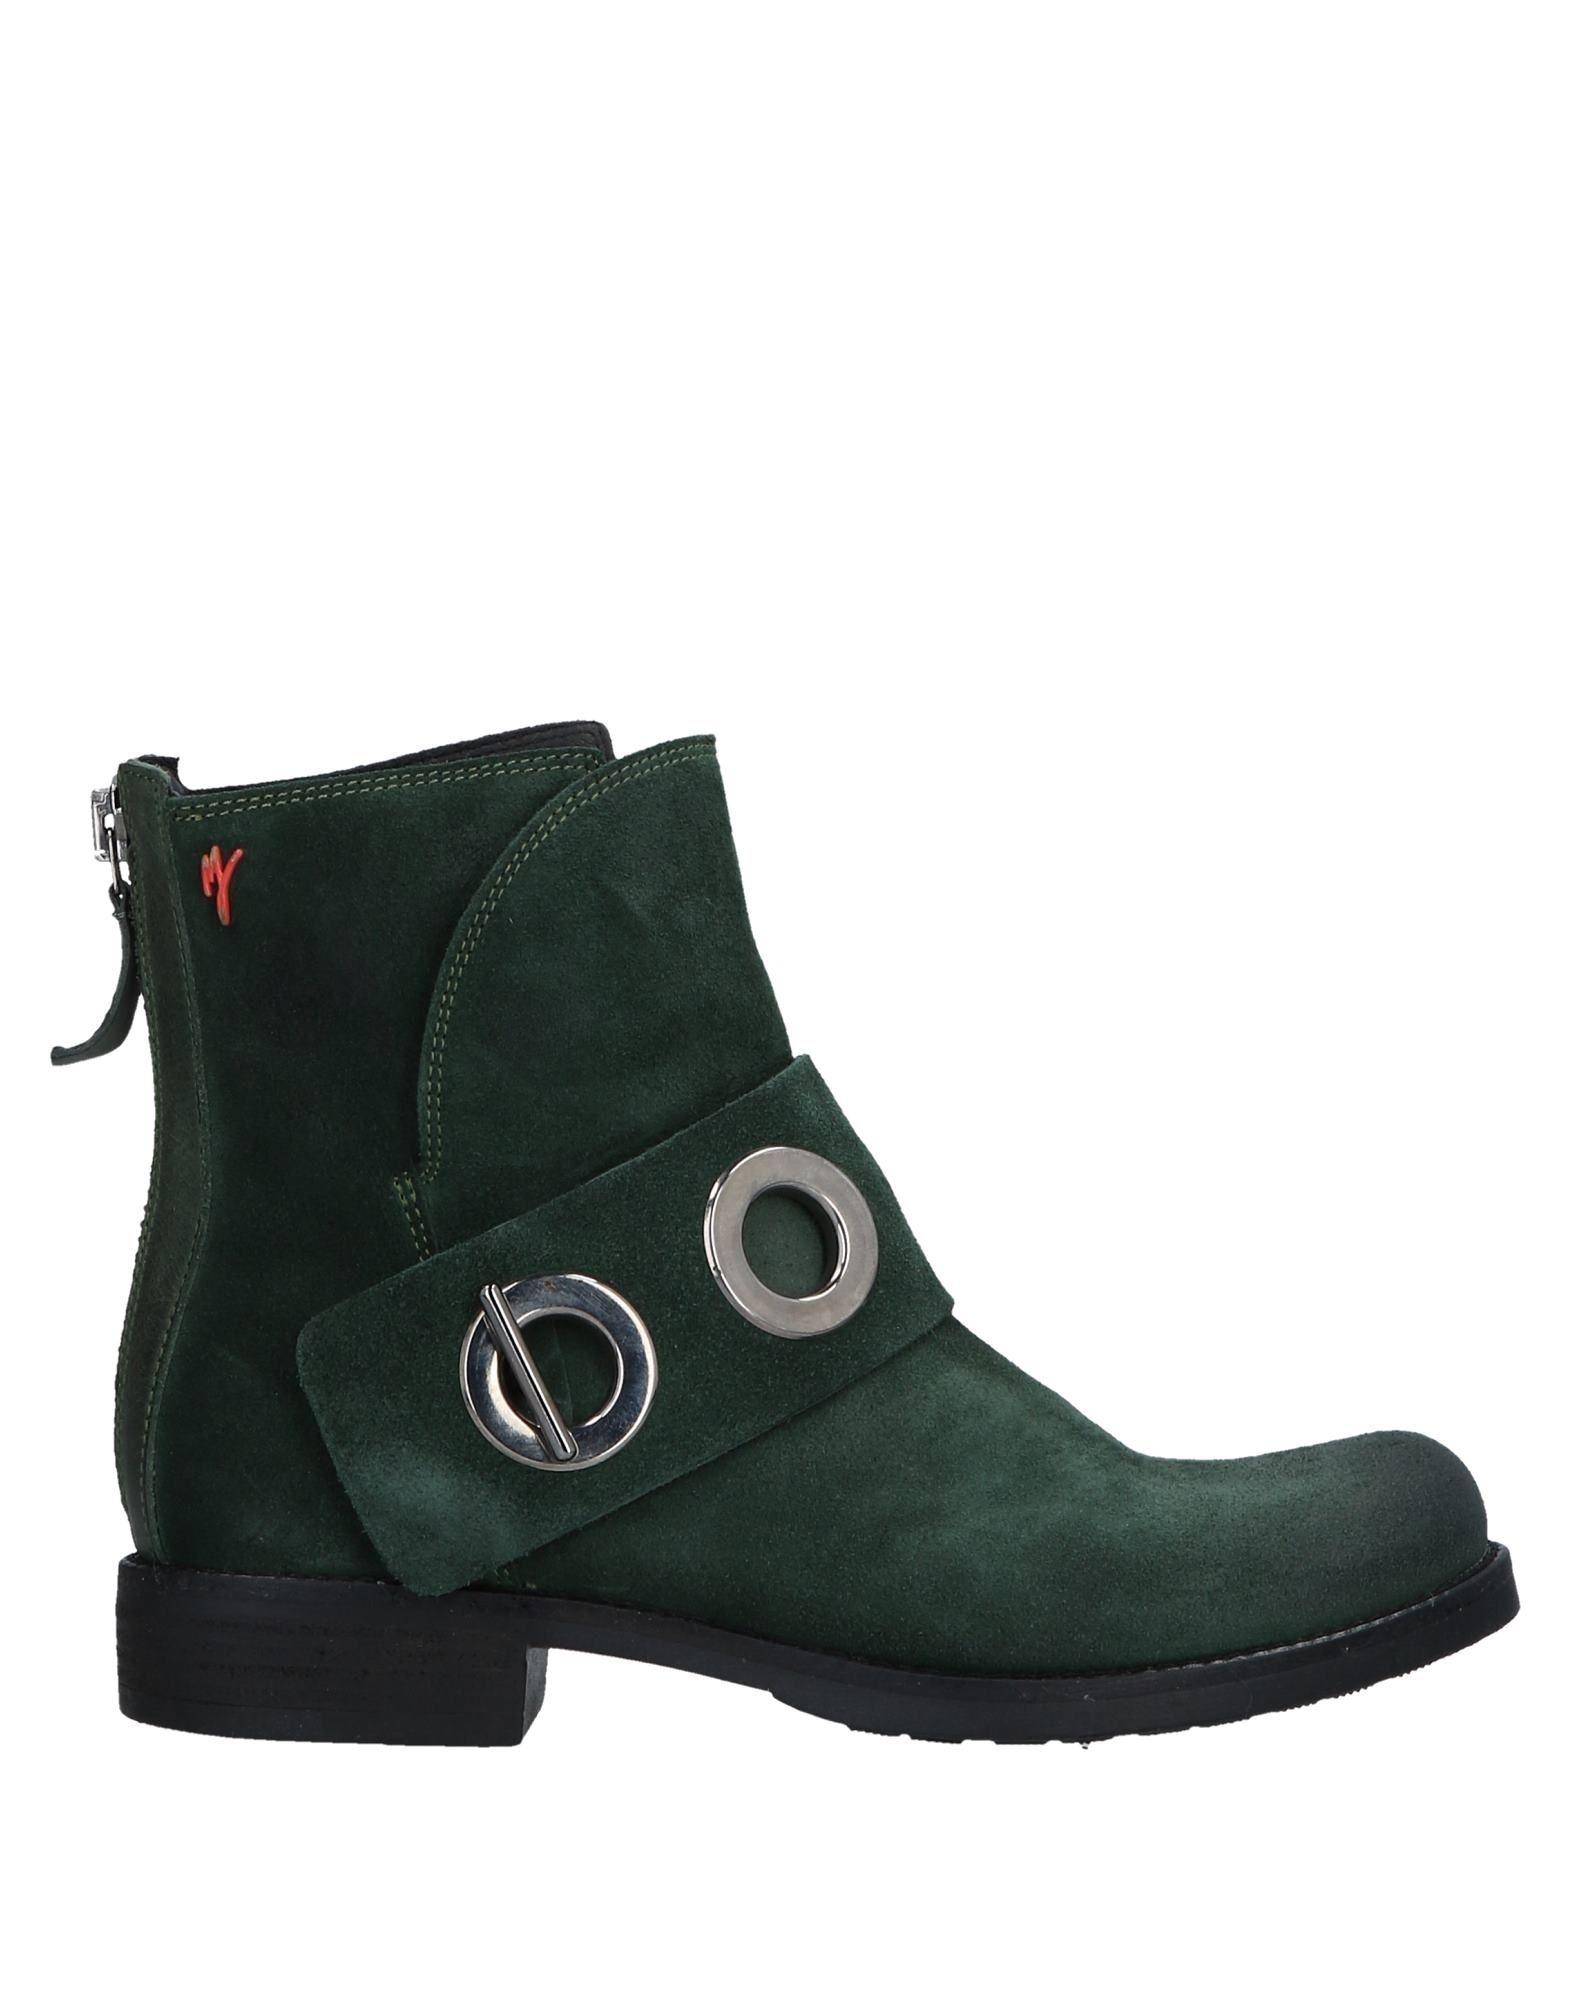 Manila Grace Denim Stiefelette Schuhe Damen  11257735CU Neue Schuhe Stiefelette 9be850